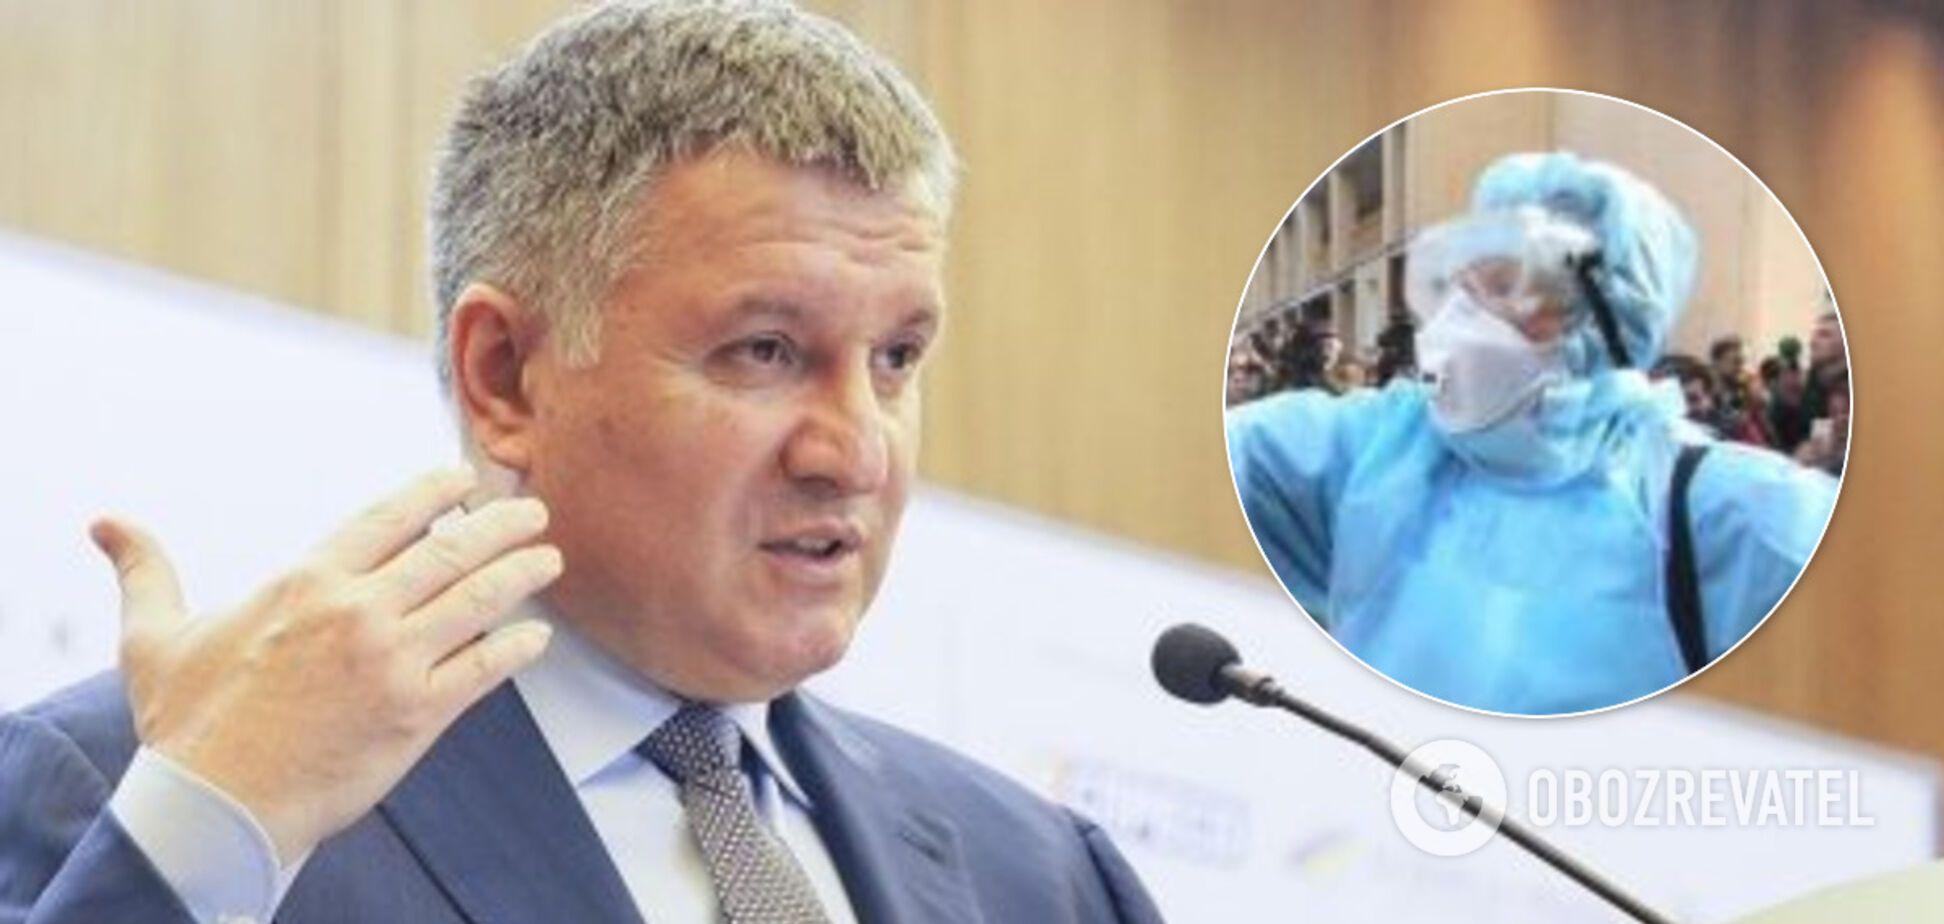 Аваков назвав дату закінчення карантину в Україні за оптимістичного сценарію